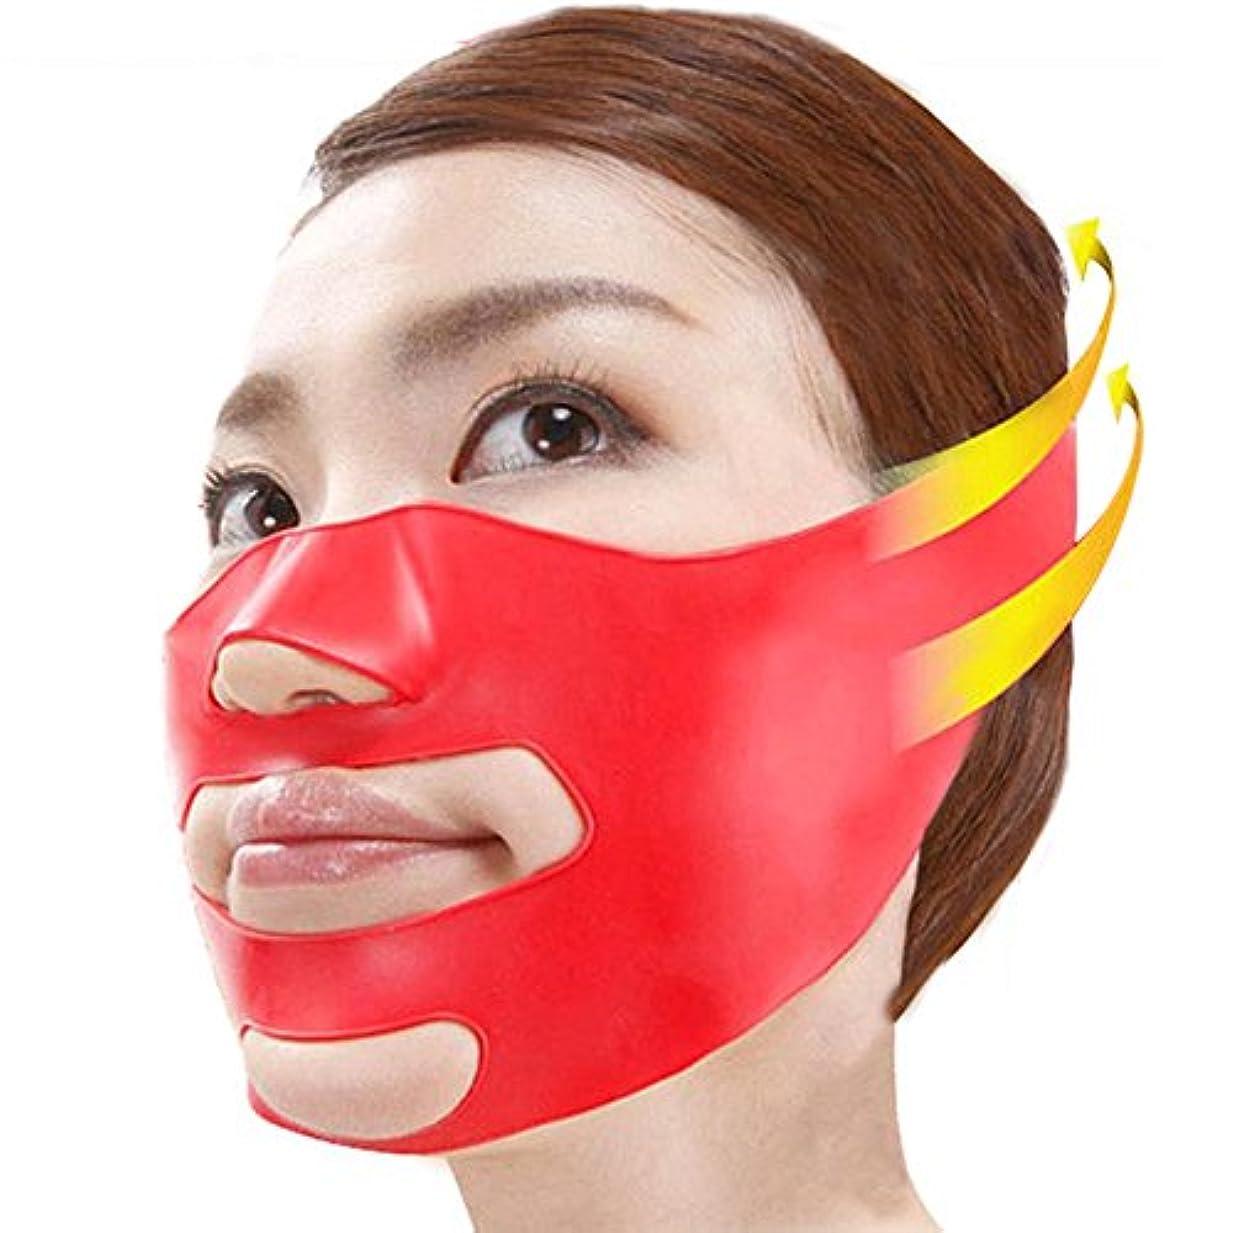 隙間玉こっそり3D 小顔 マッサージグッズ フェイスマスク 美容 顔痩せ ほうれい線 消す グッズ 美顔 矯正 (フリーサイズ, レッド)